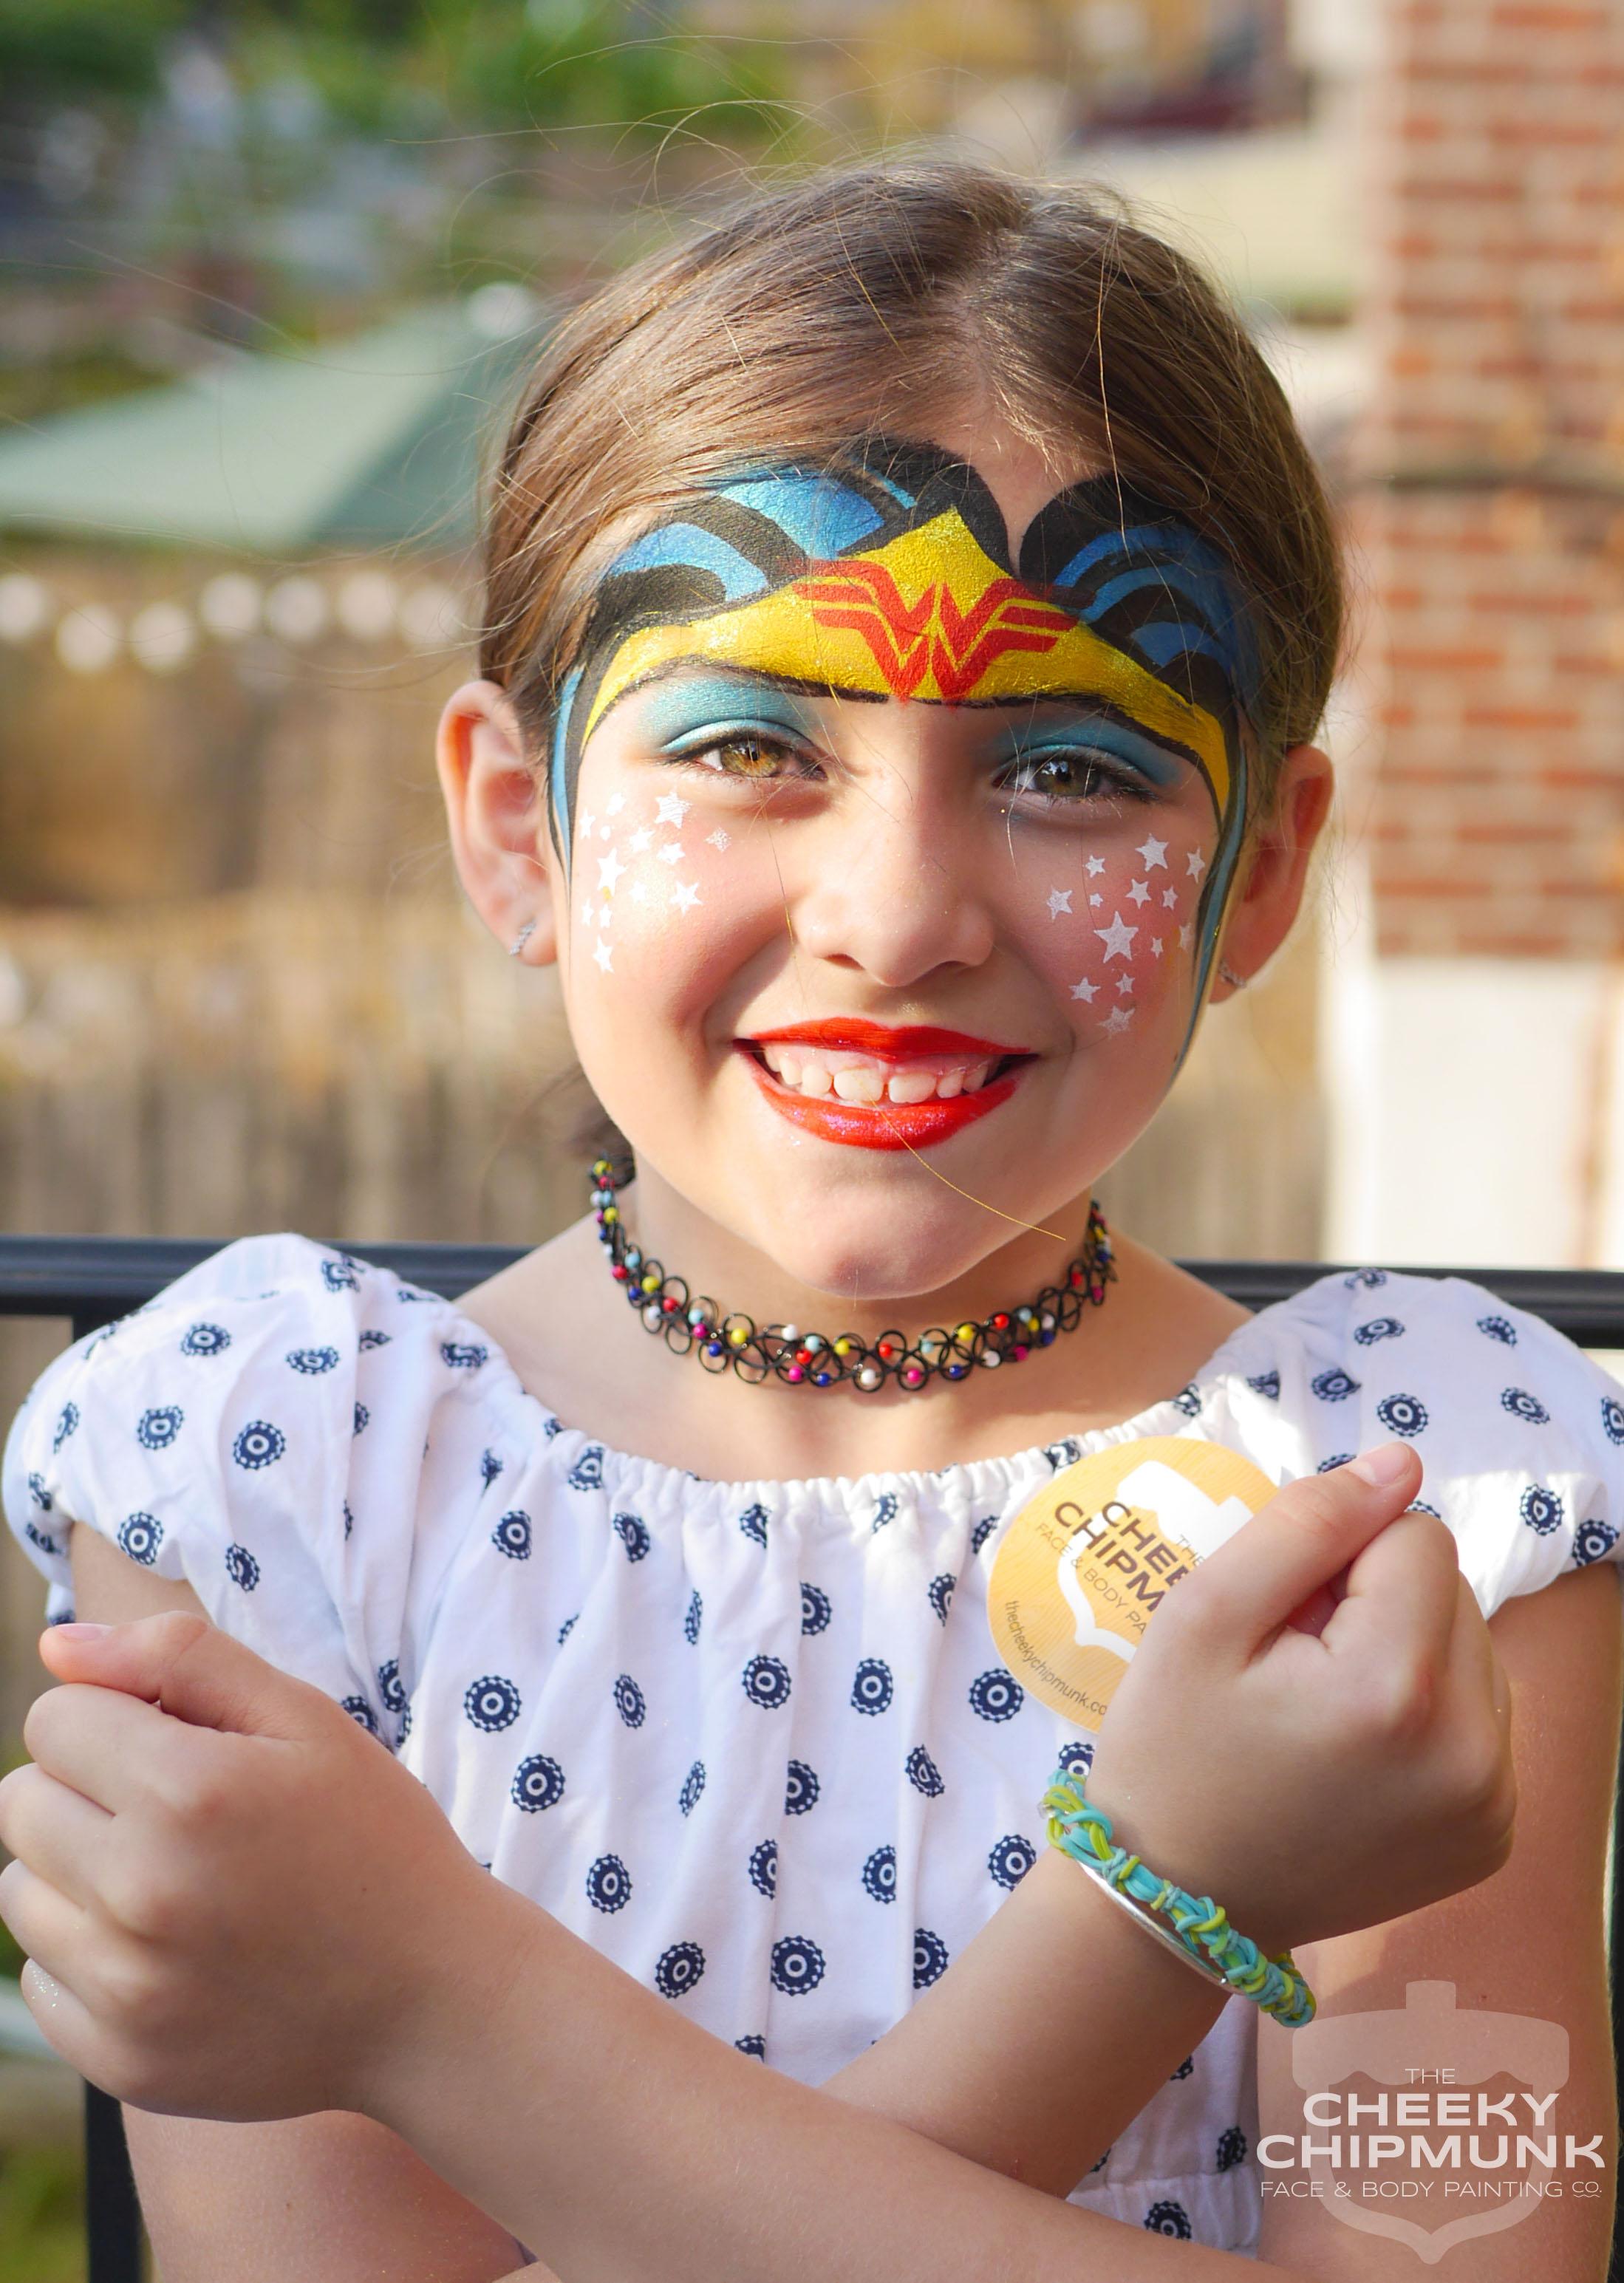 WonderWoman_facepainting_facepaint_lenorekoppelman_thecheekychipmunk_frankie_birthday_party.jpg